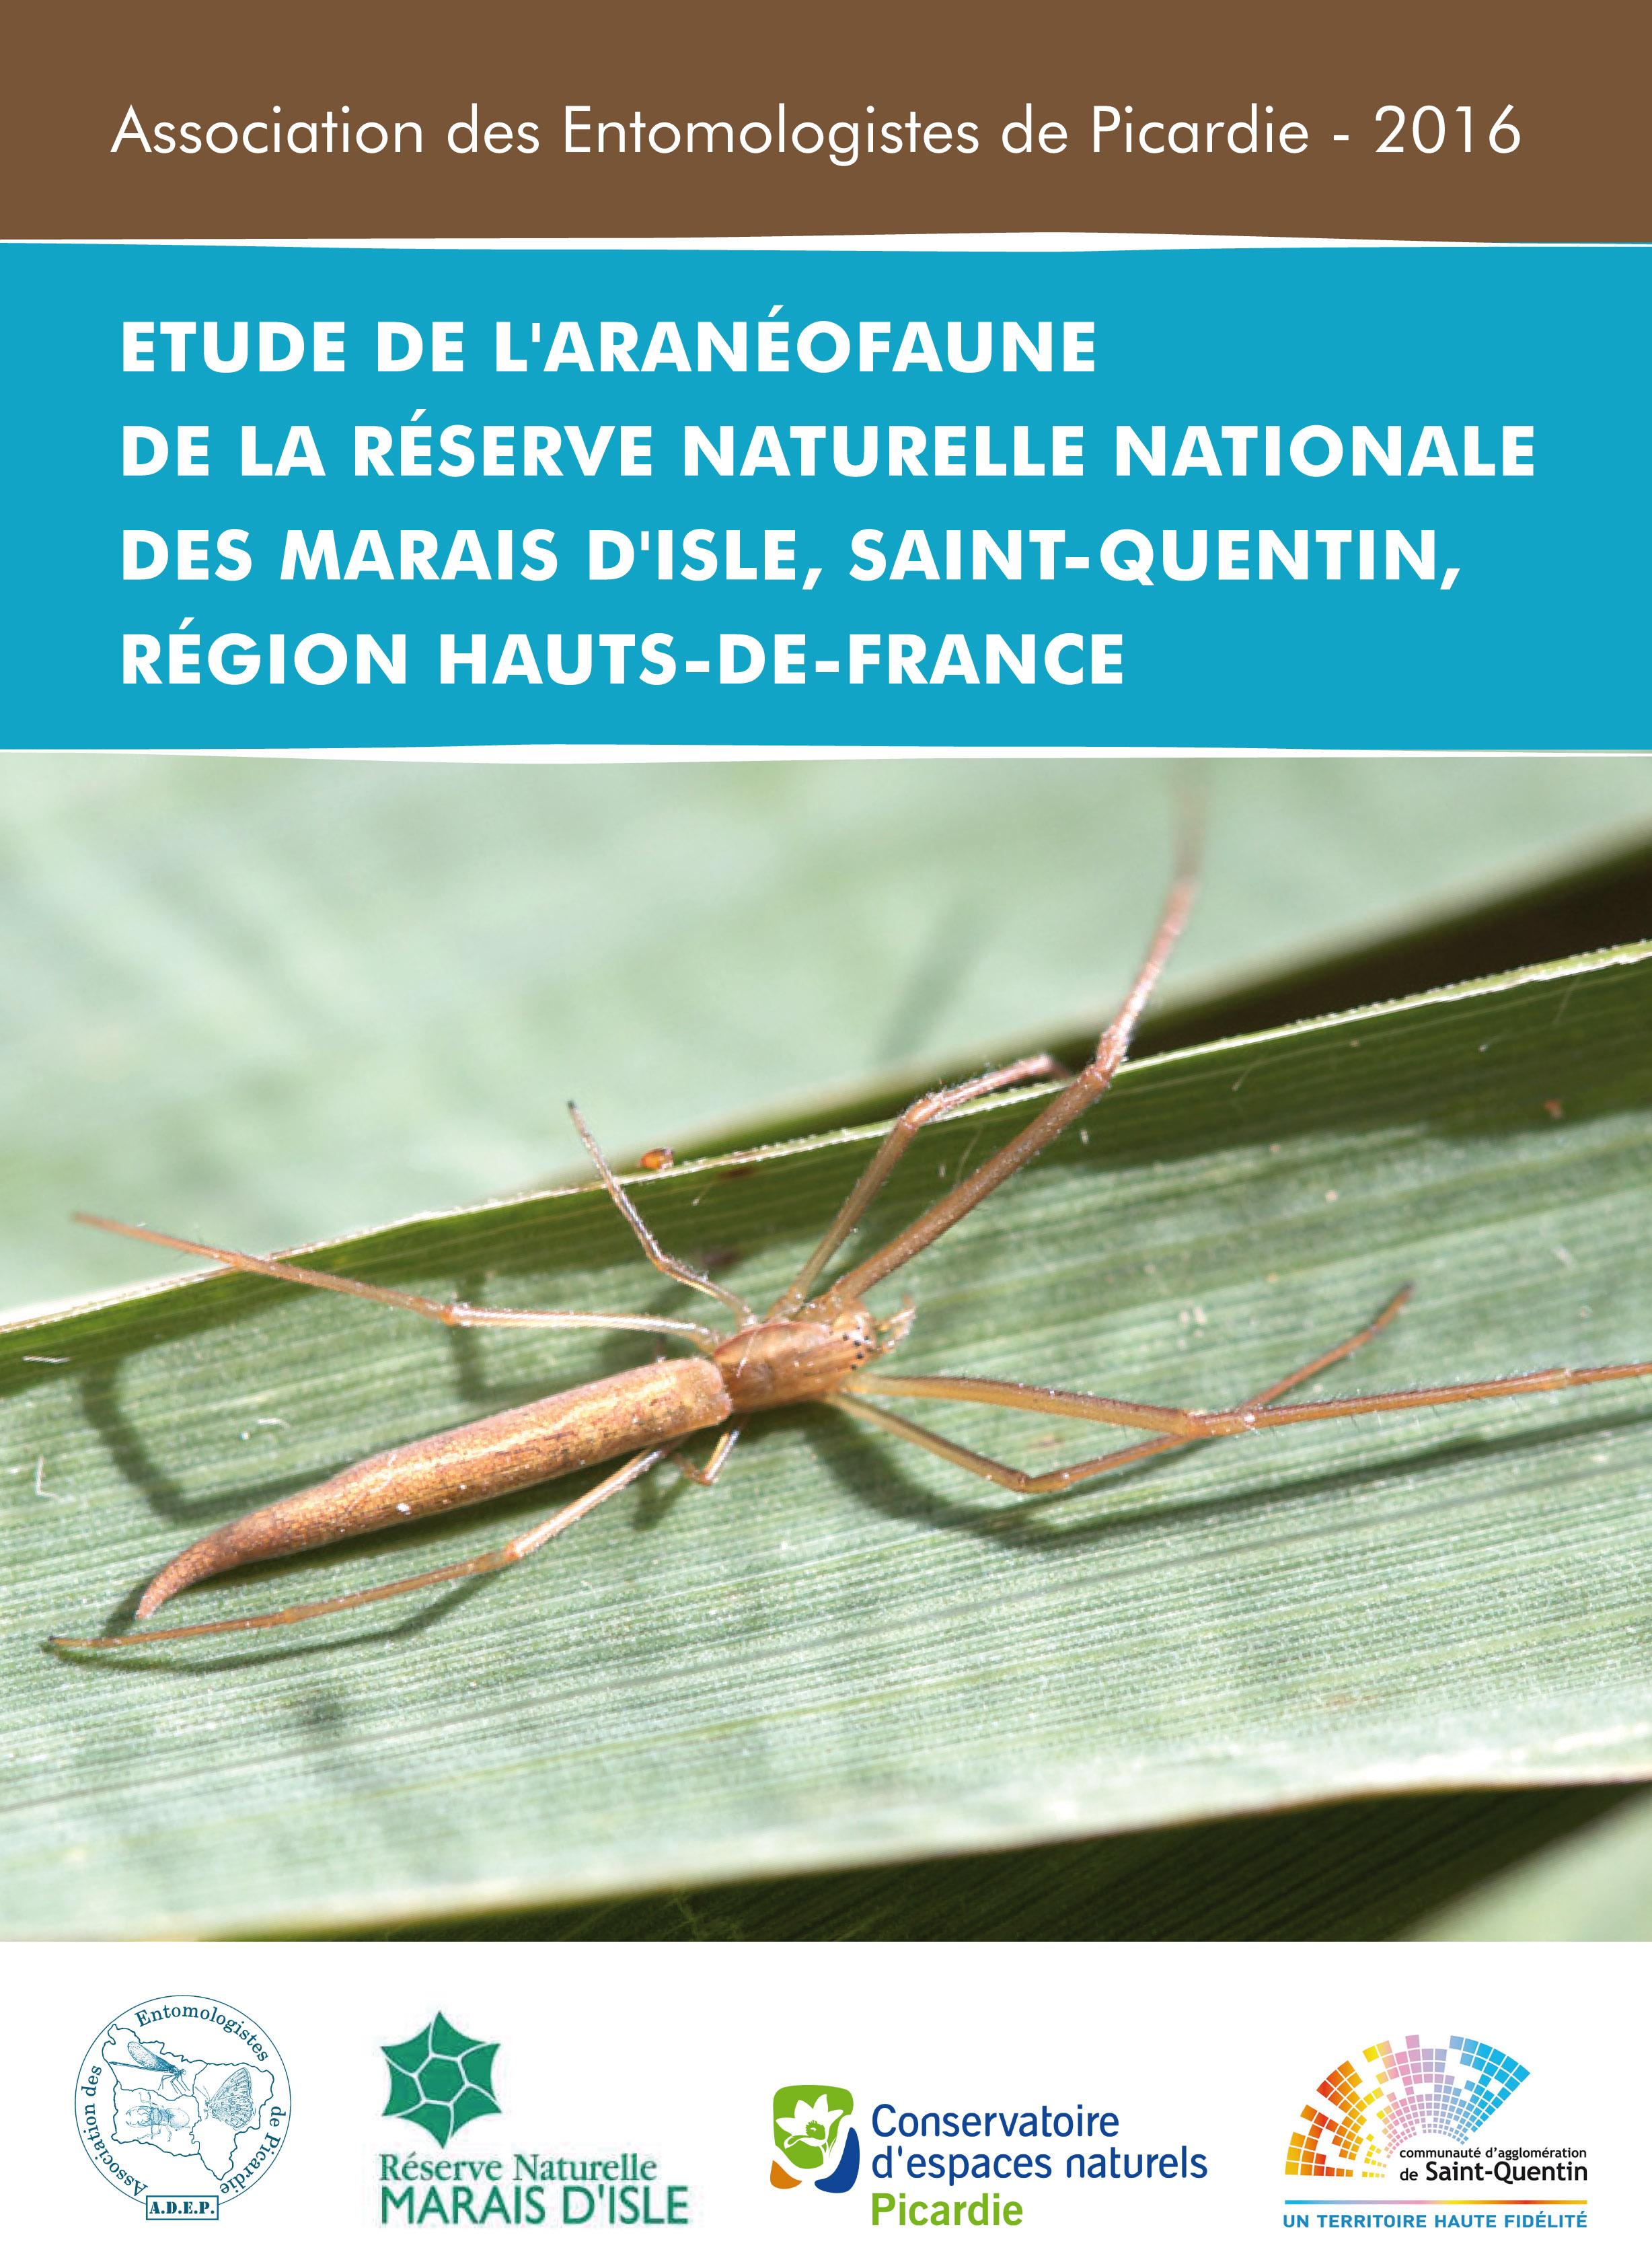 Rapport d'Etude de l'aranéofaune de la réserve de St-Quentin, Marais d'Isle. ADEP 2016